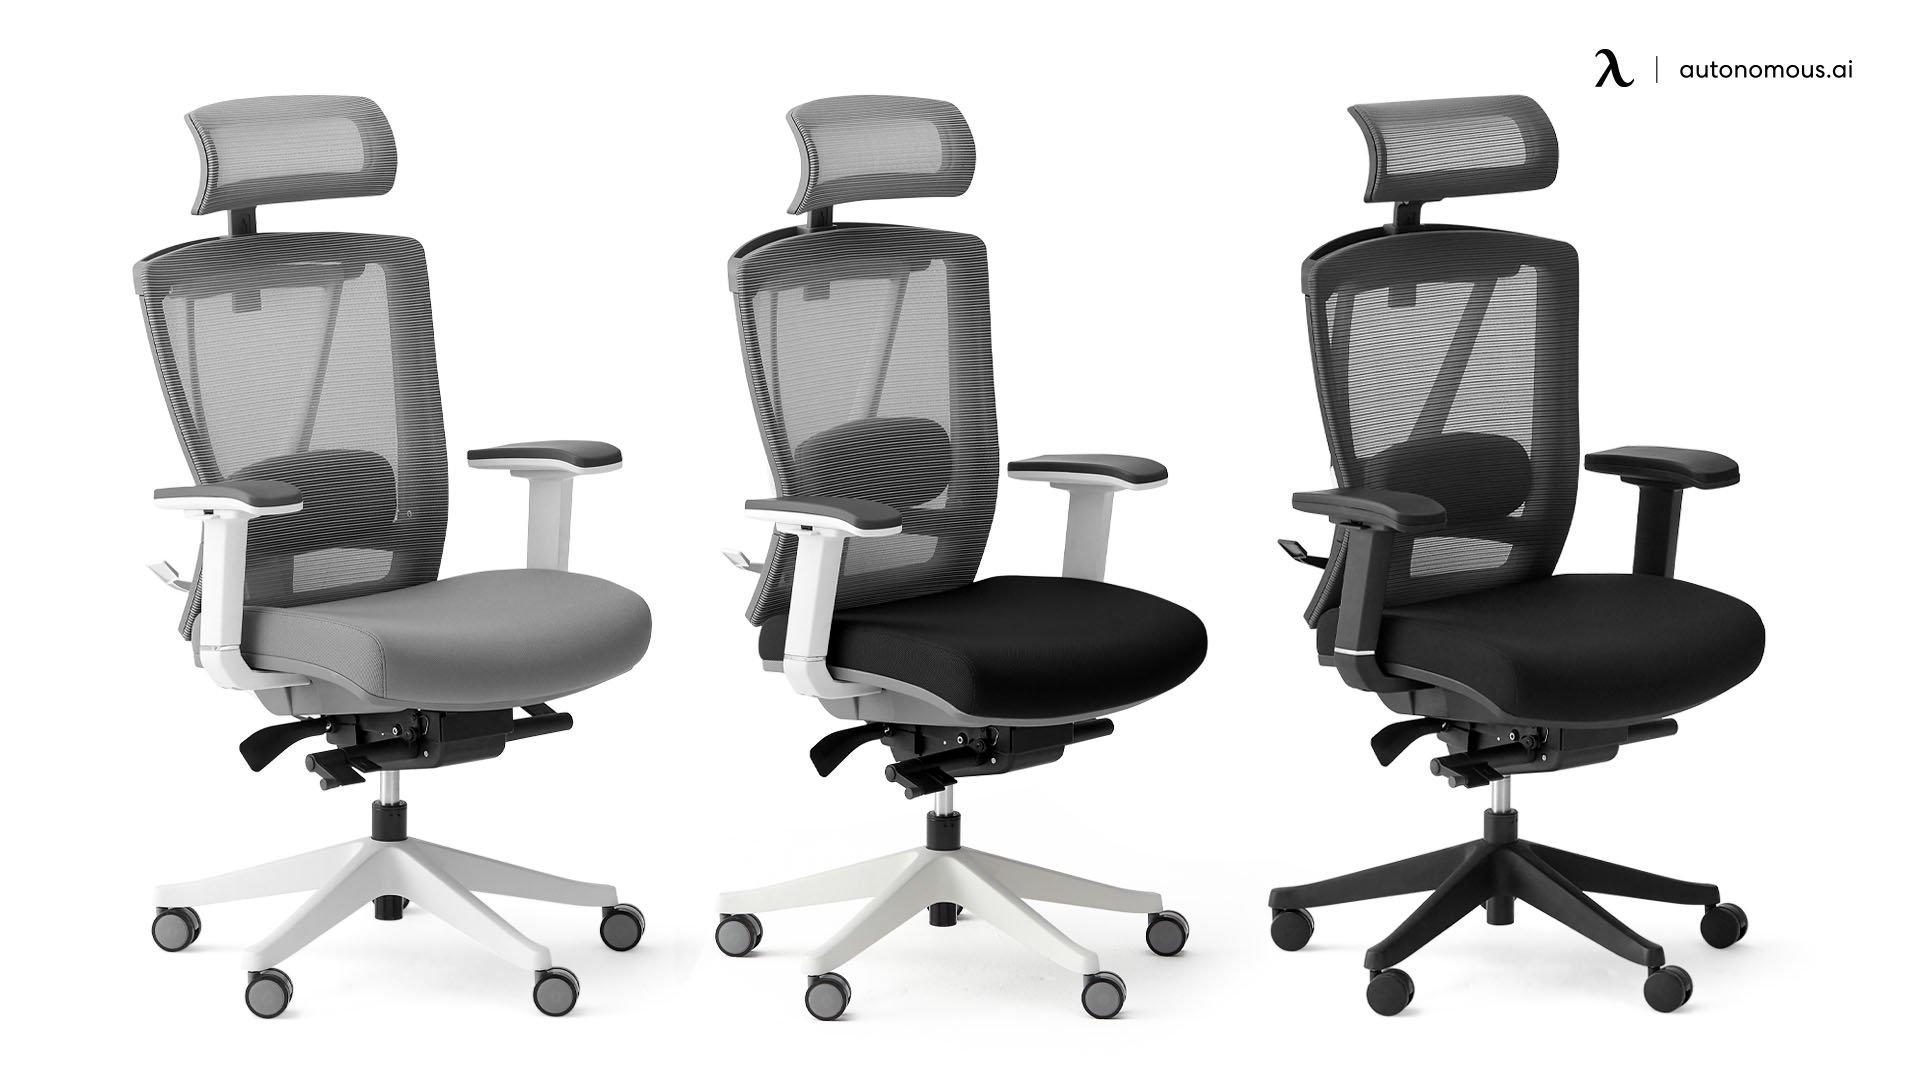 Autonomous ErgoChair 2 Ergonomic Chair for Back Pain